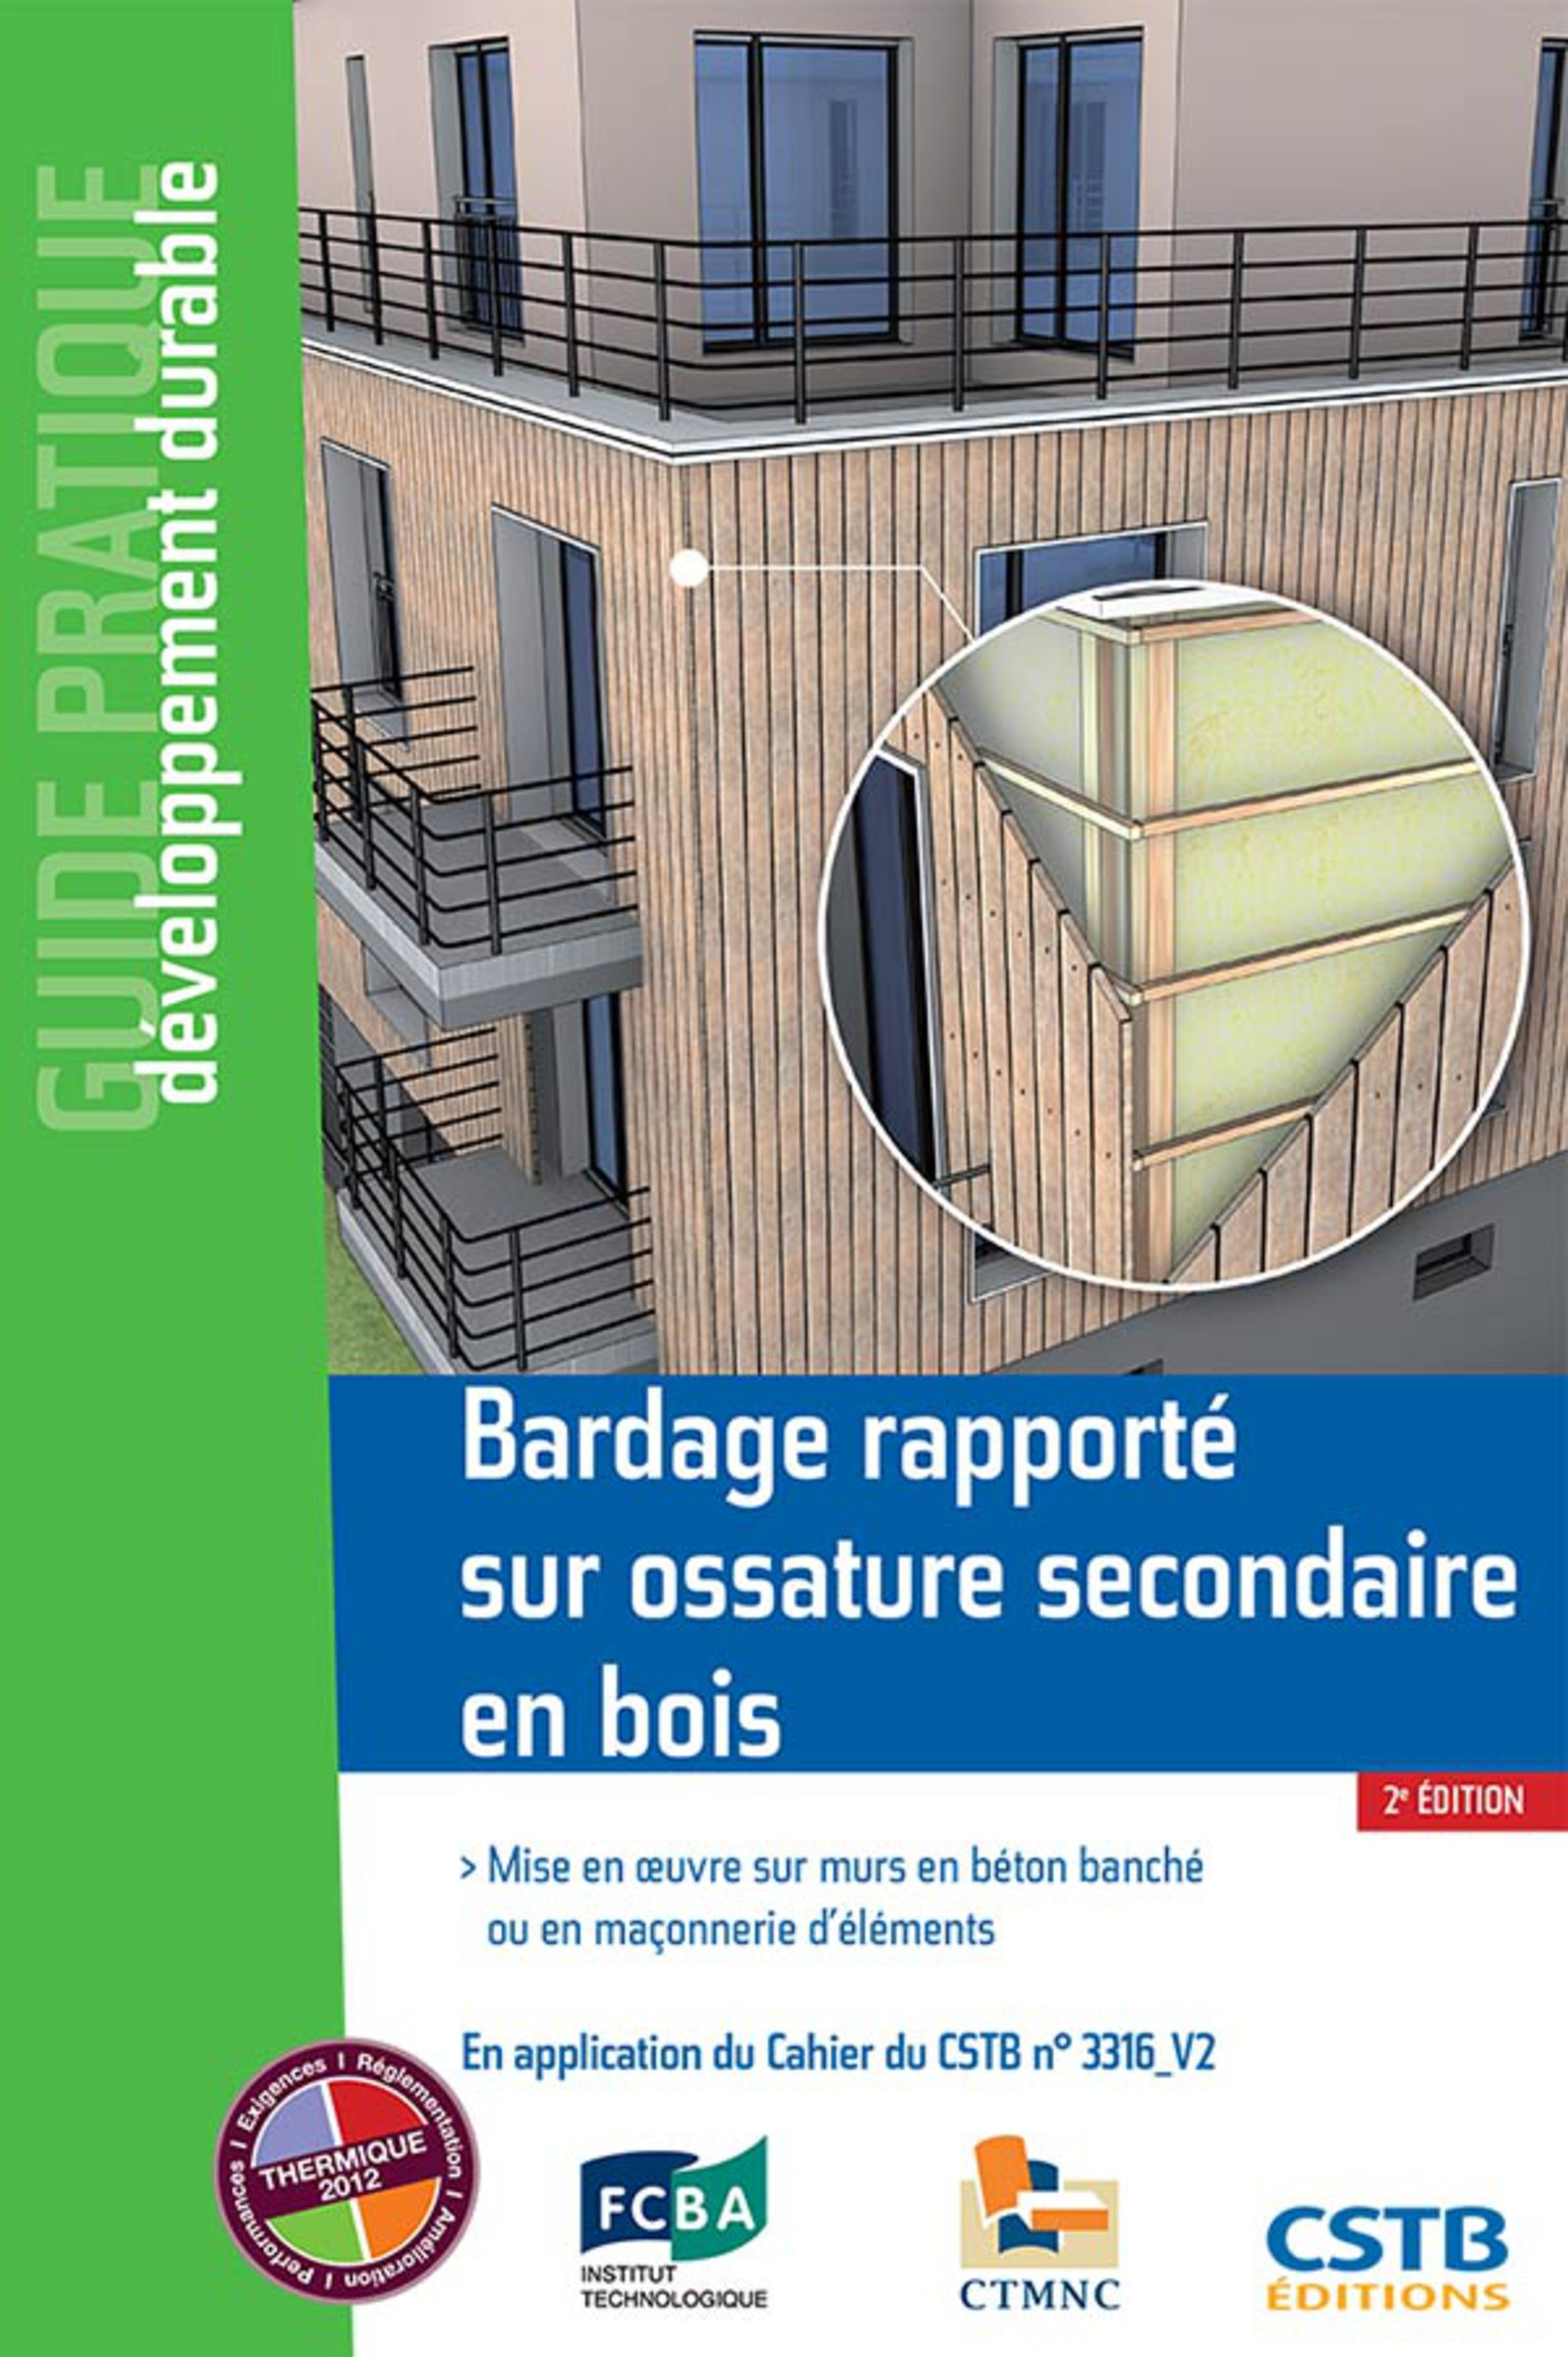 Bardage rapporté sur ossature secondaire en bois 2e édition